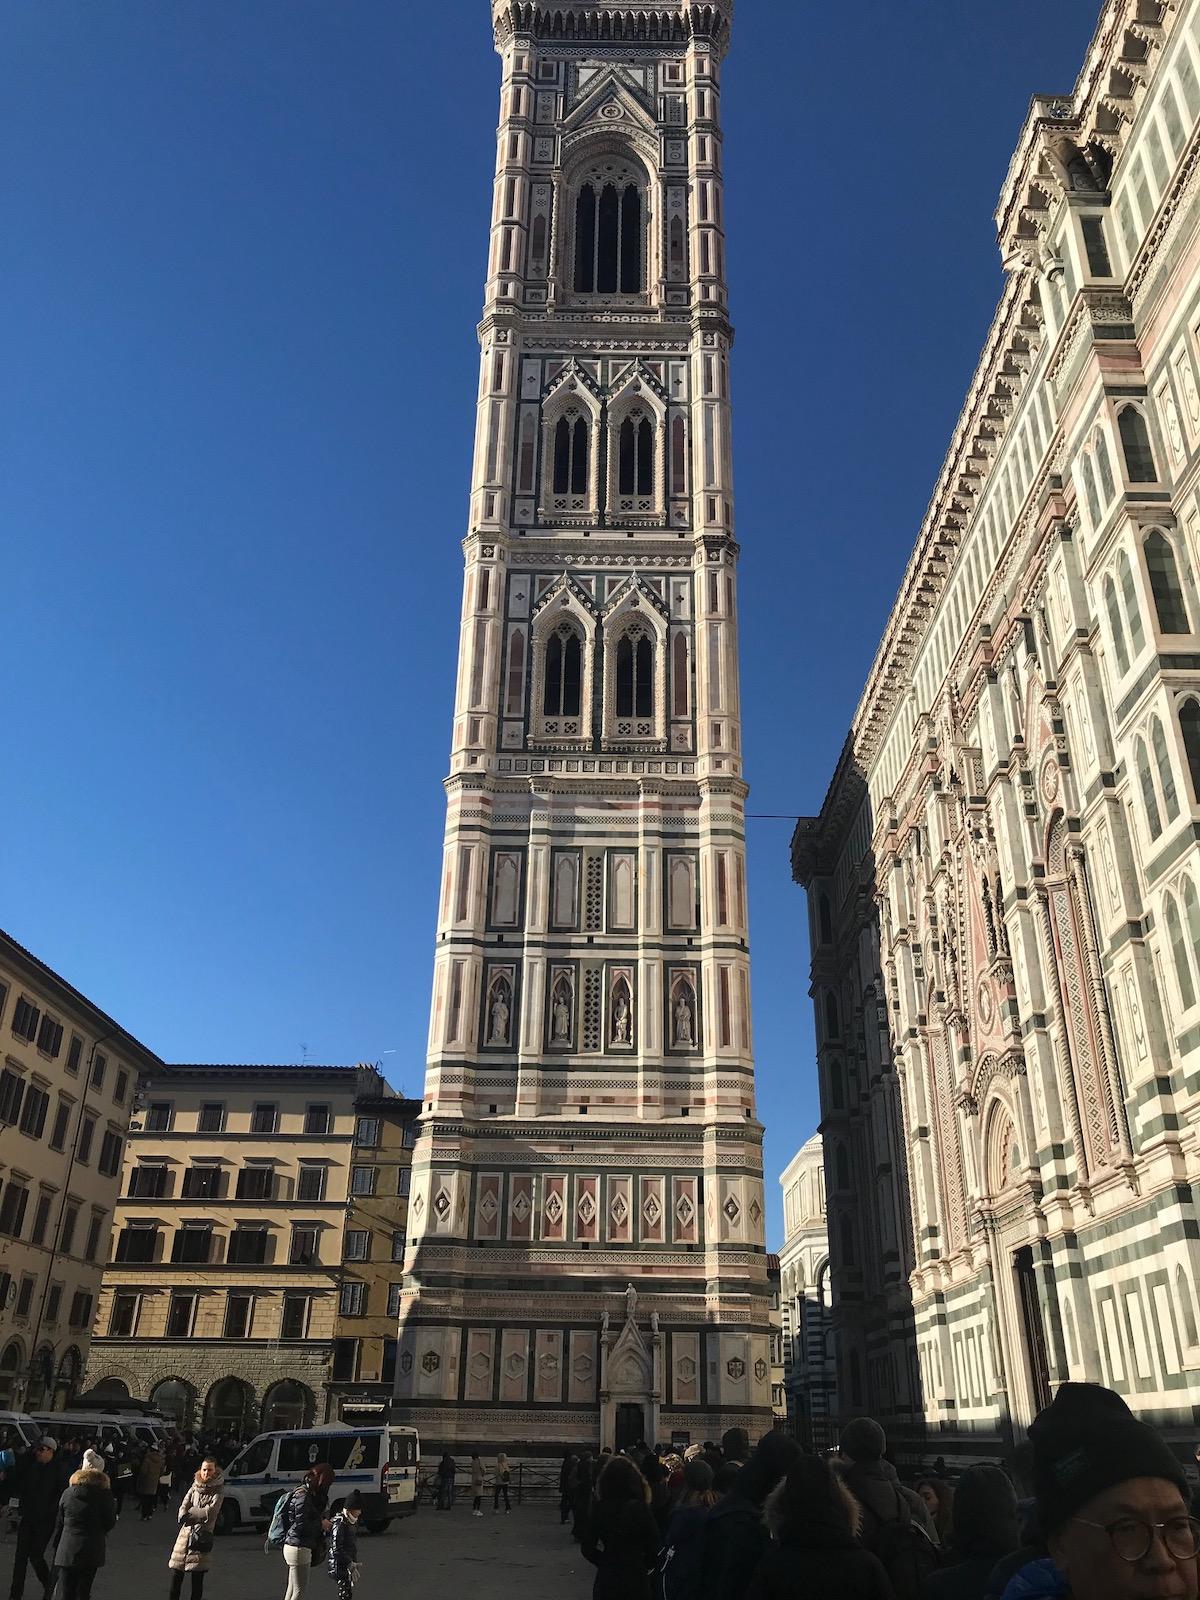 Campanile di Giotto - Giotto di Bondone